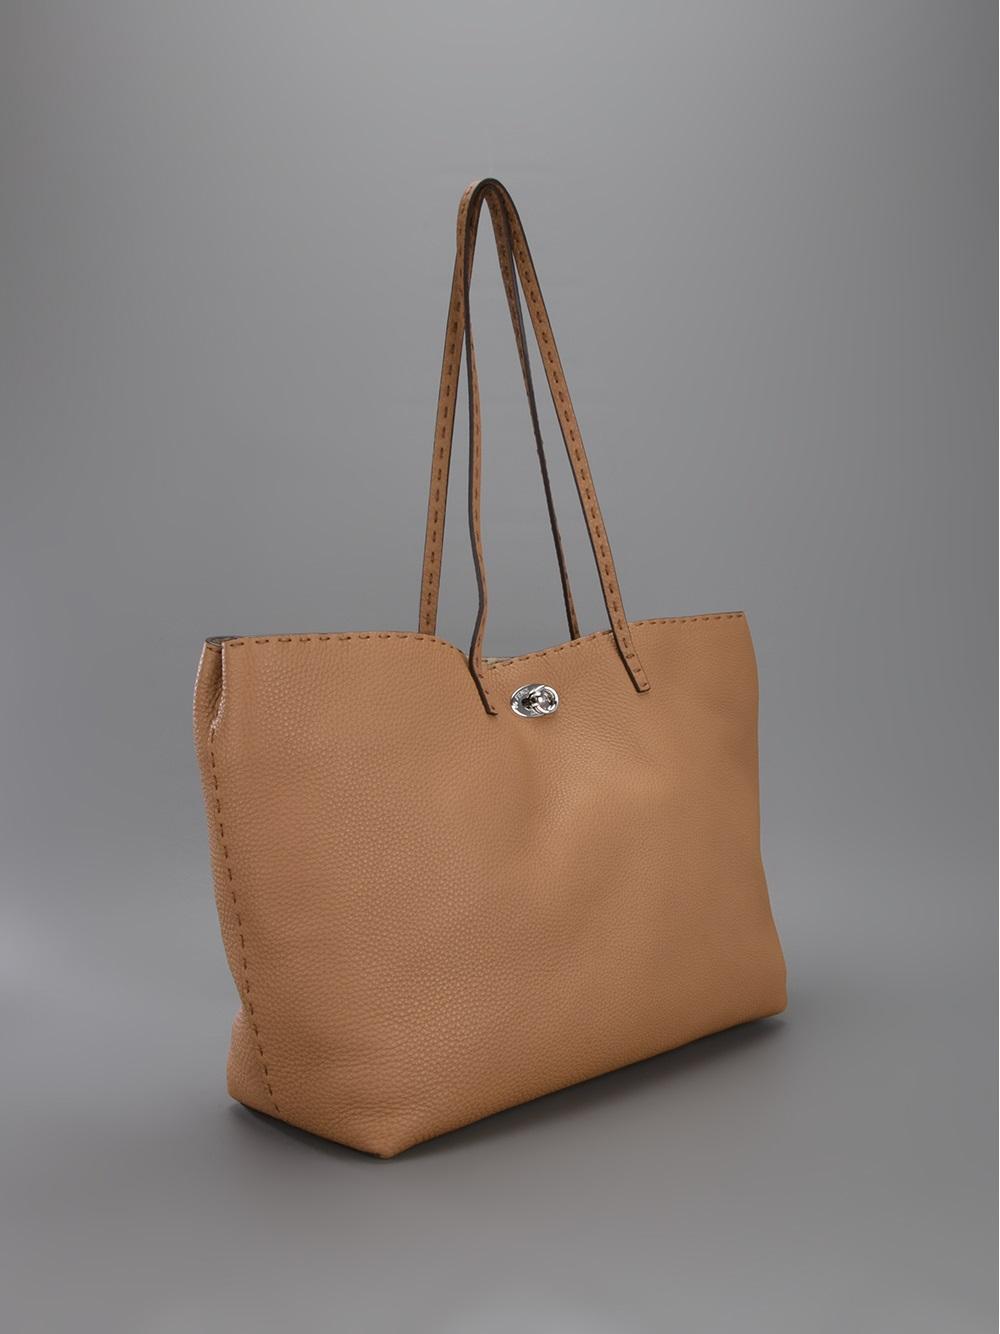 362ed377560e 33925 e1db1  sweden lyst fendi selleria shopper tote in brown 8526a b7cad